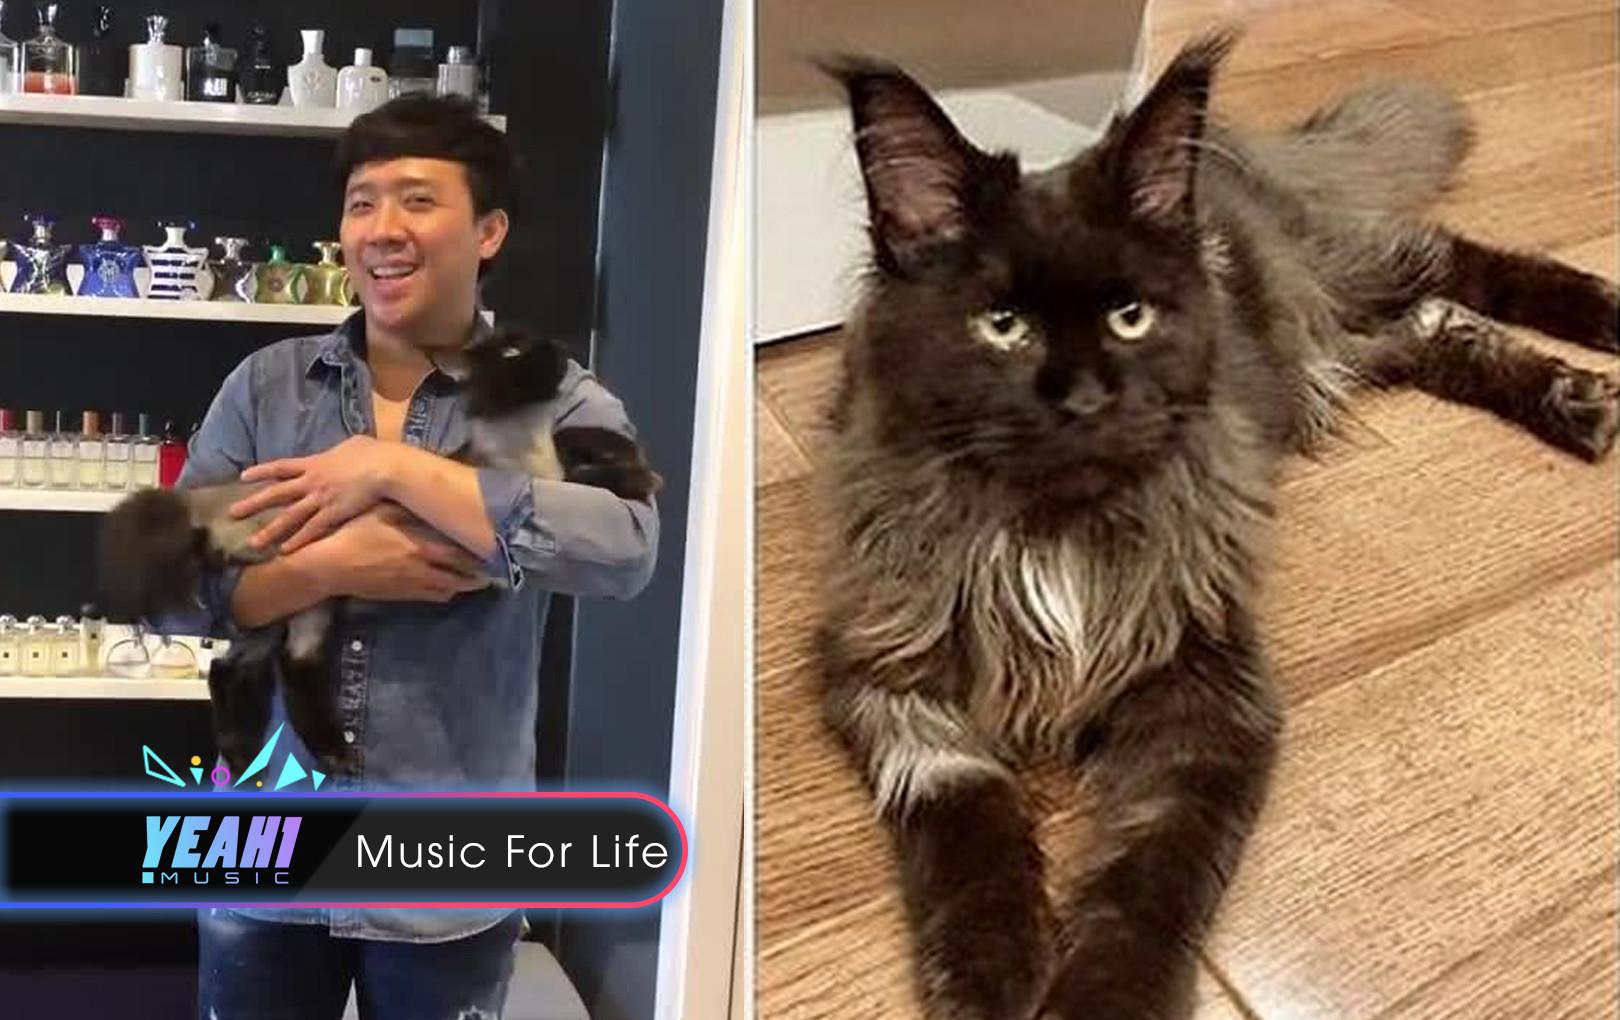 Trấn Thành nói về mèo cưng 70 triệu, vô tình làm lộ bí mật gia đình